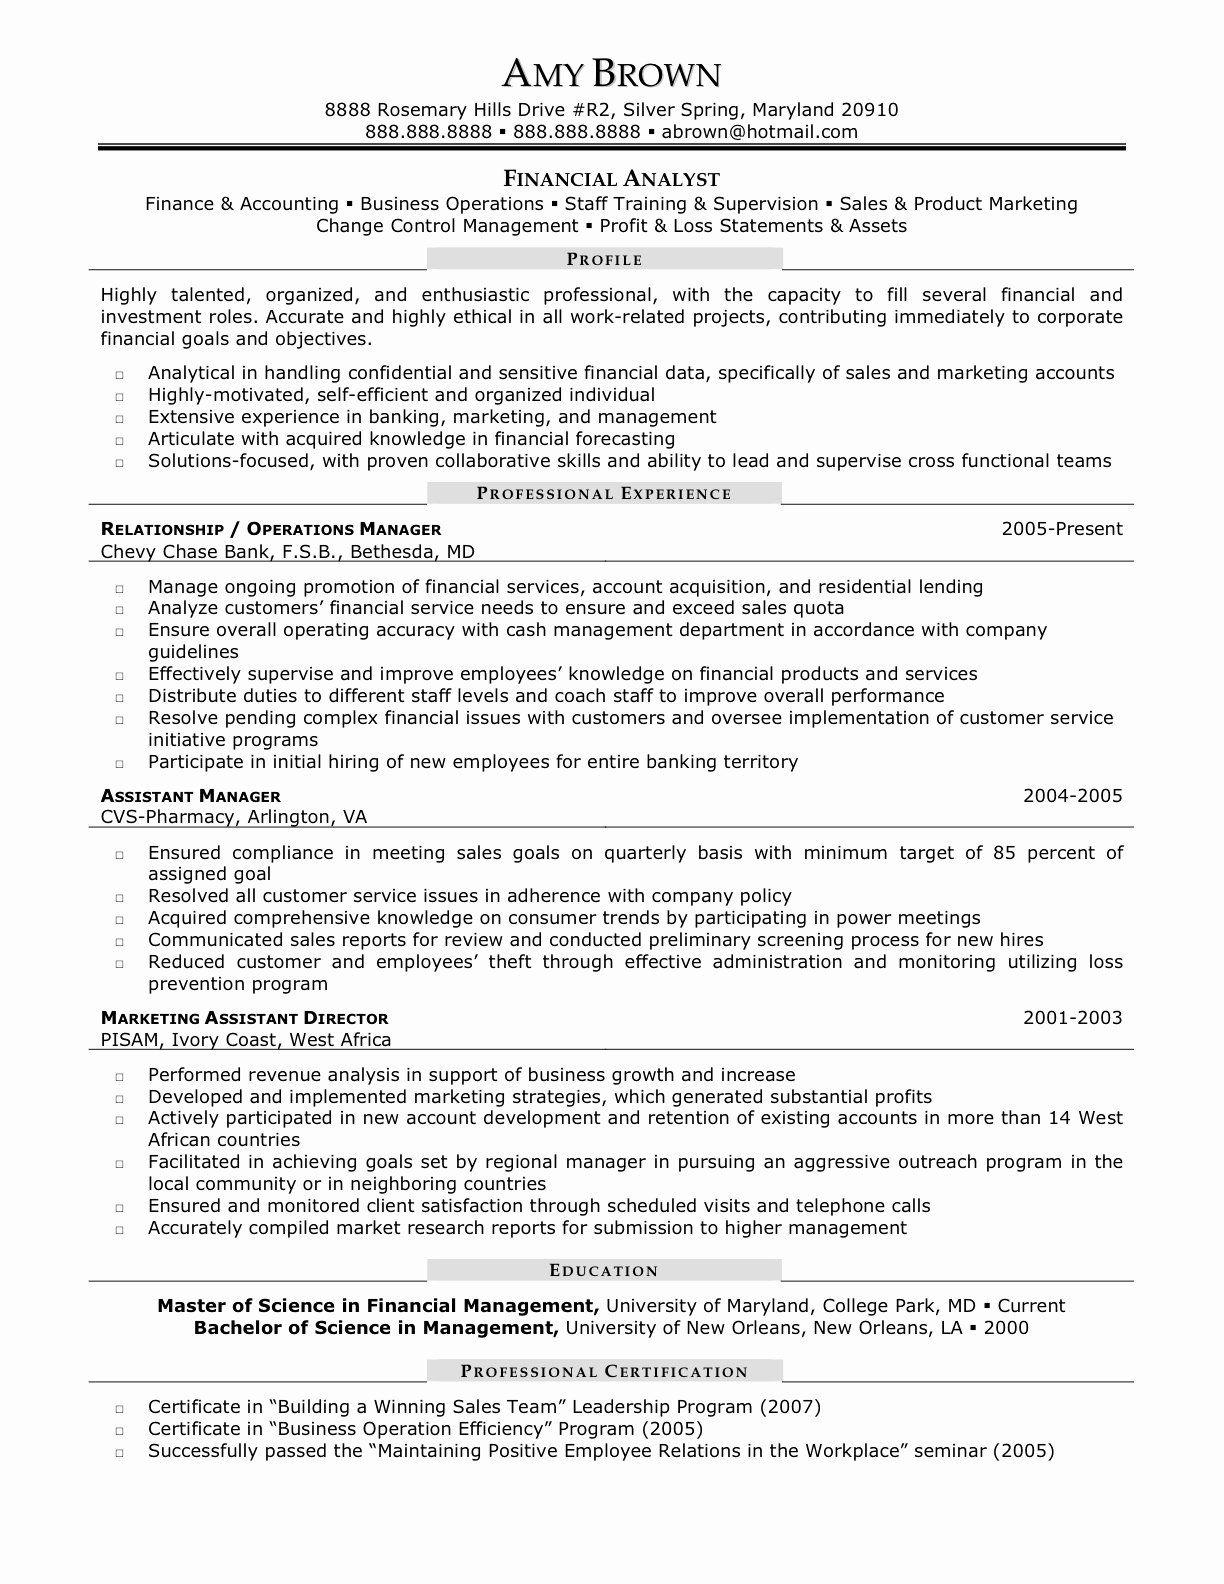 Junior Business Analyst Resume Elegant Financial Analyst Resume Sample Business Analyst Resume Financial Analyst Resume Objective Examples